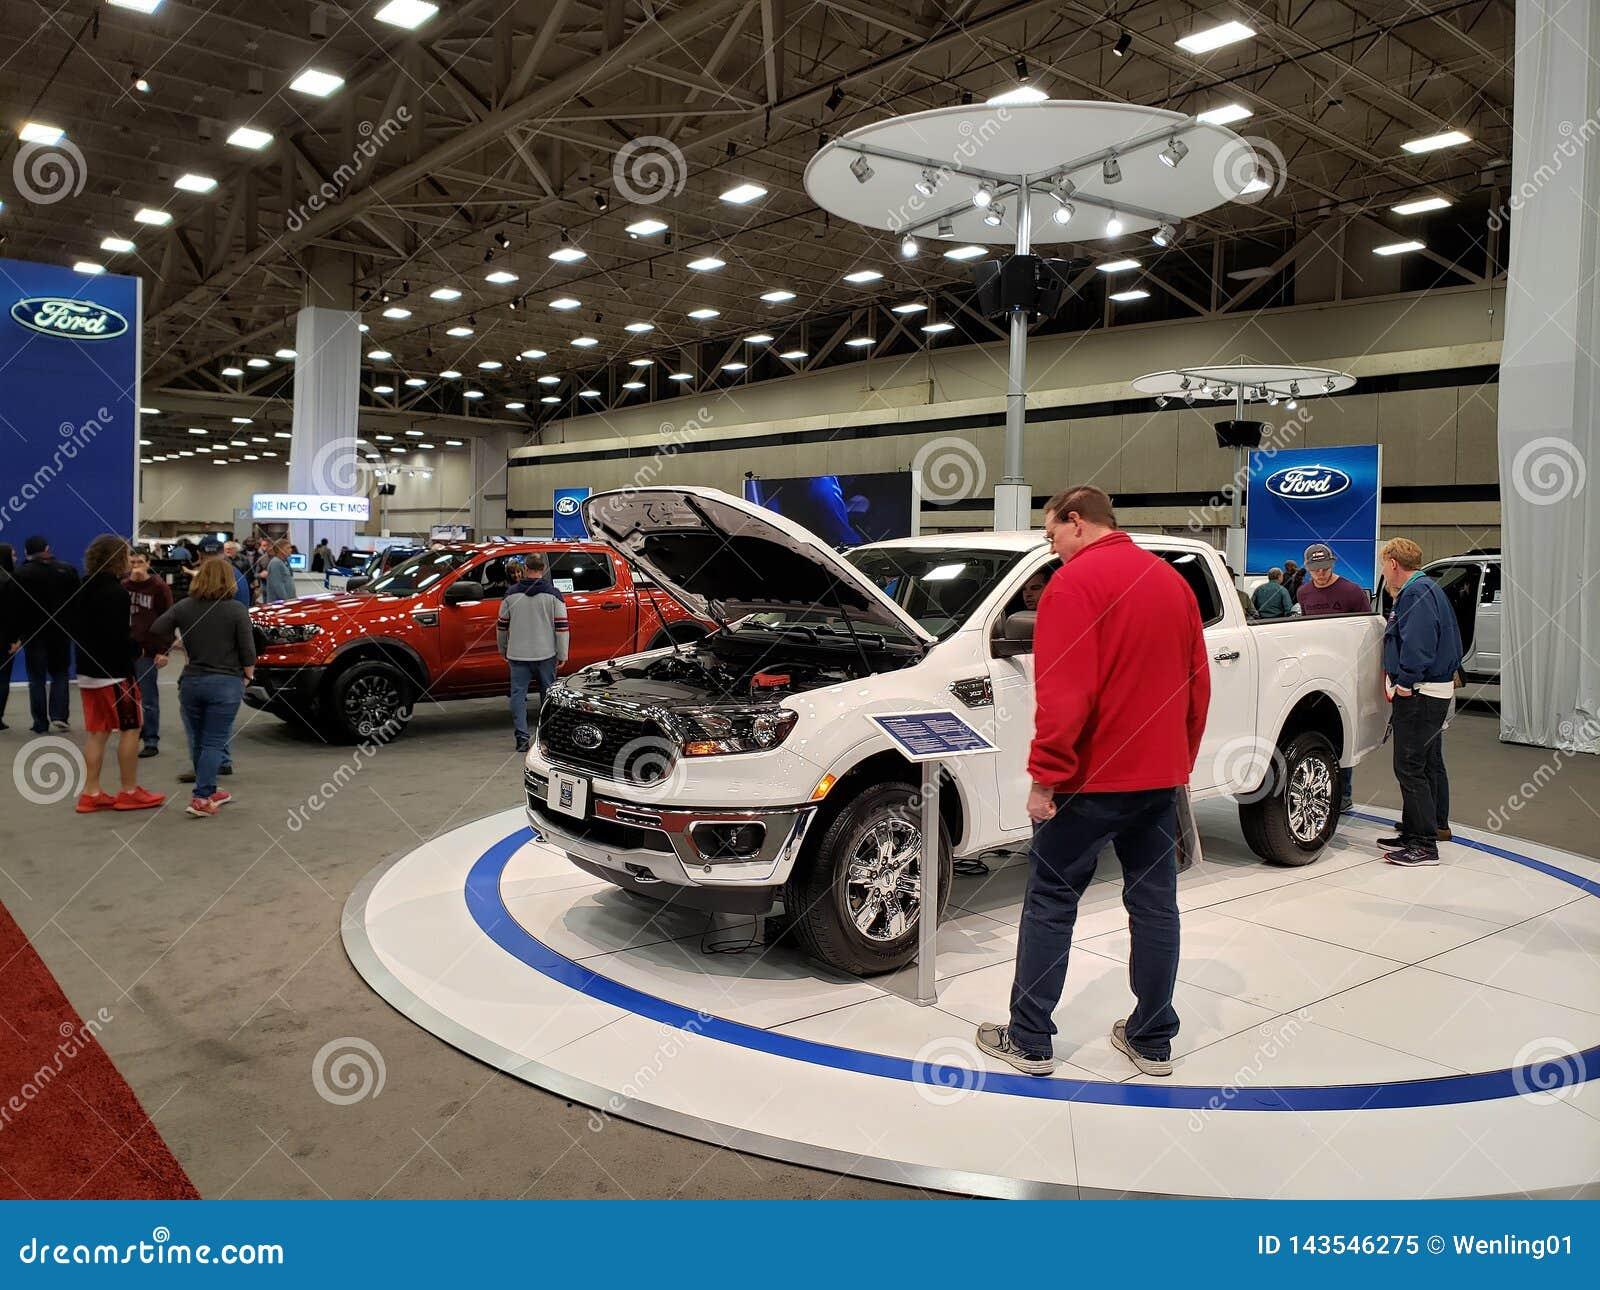 Auto City Dallas Tx >> People Visit Dfw Auto Show Dallas Tx Usa 2019 Editorial Image